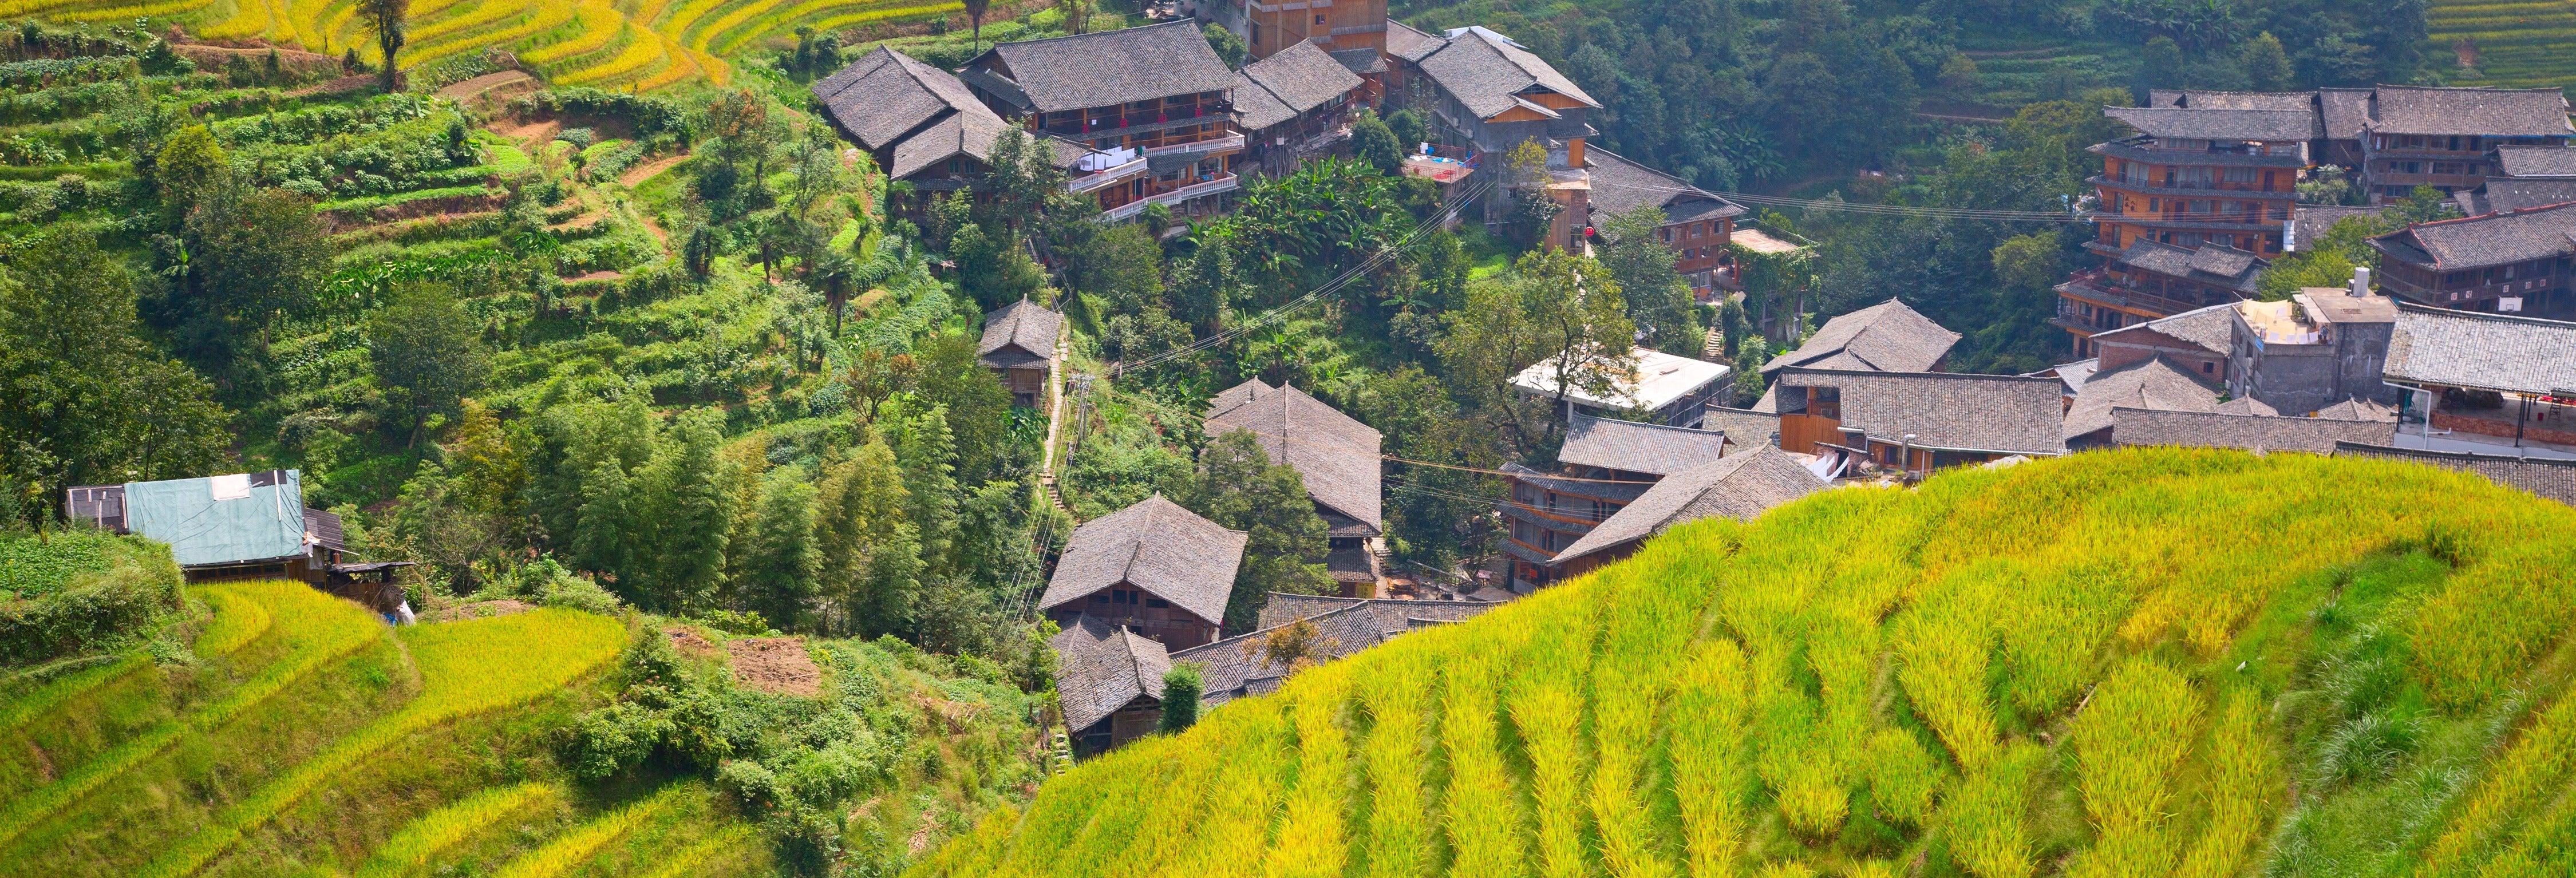 Tour privado por las terrazas de arroz en español